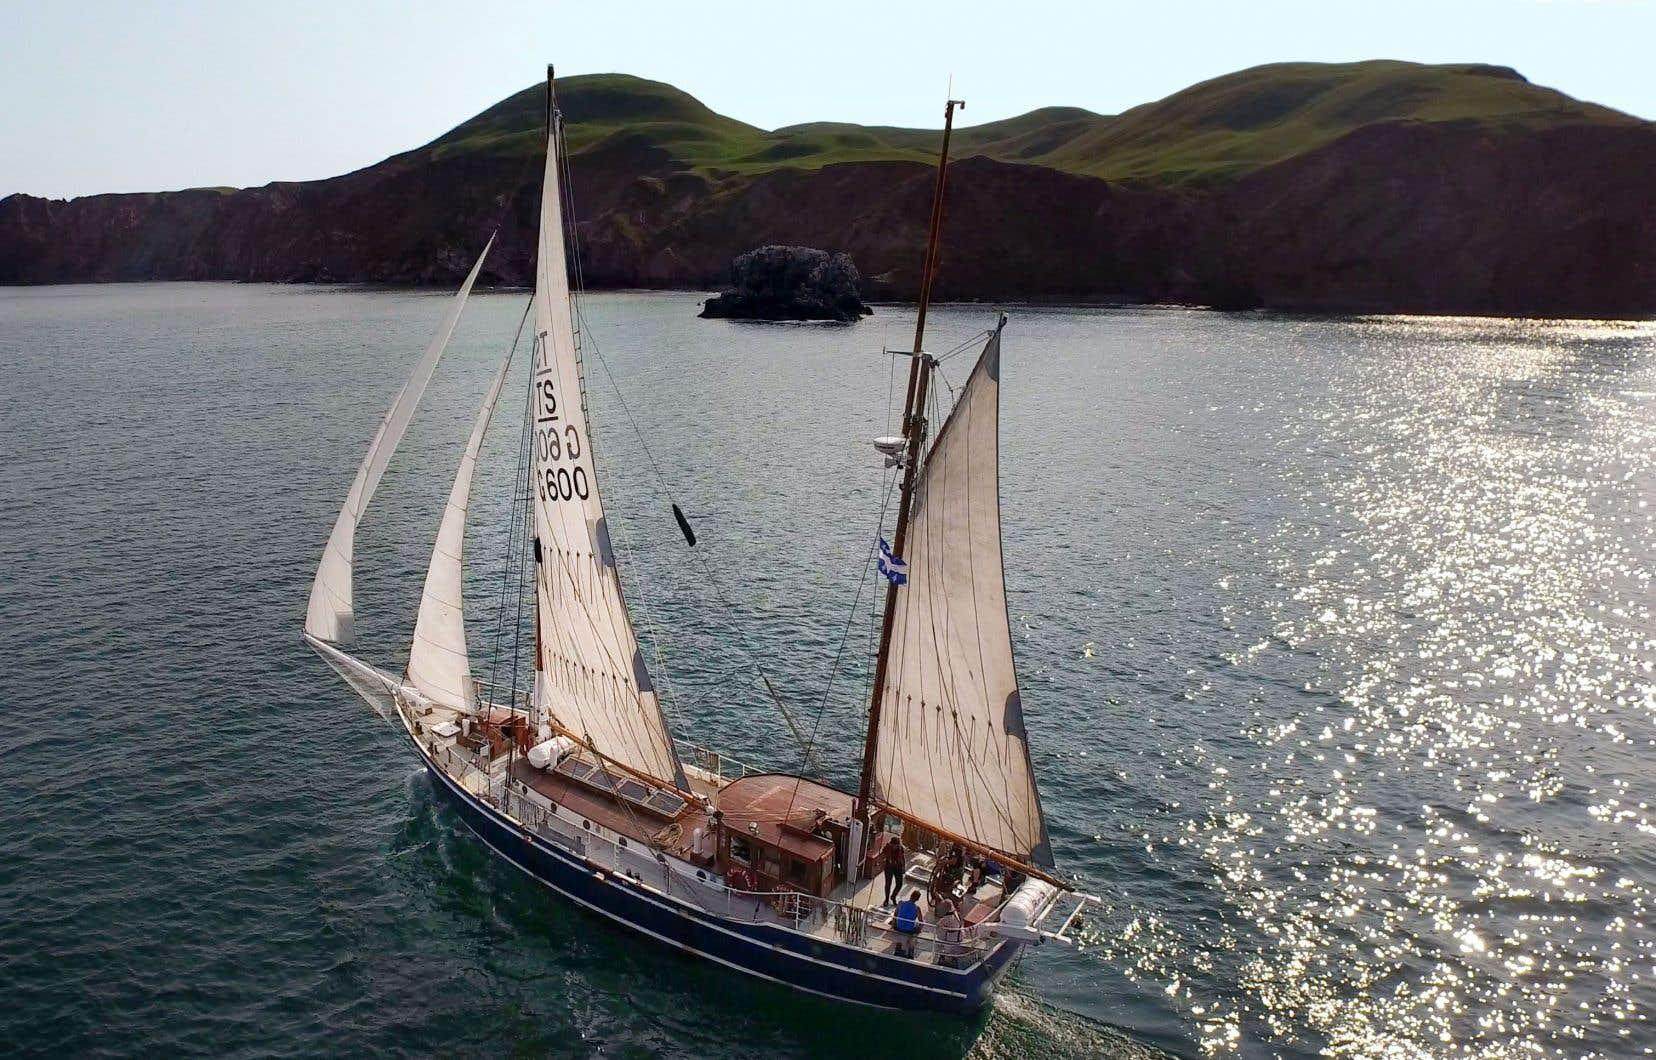 Le voilier ÉcoMaris, qui devrait emmener les passagers de la Basse-Côte-Nord jusqu'à Terre-Neuve et en Nouvelle-Écosse.